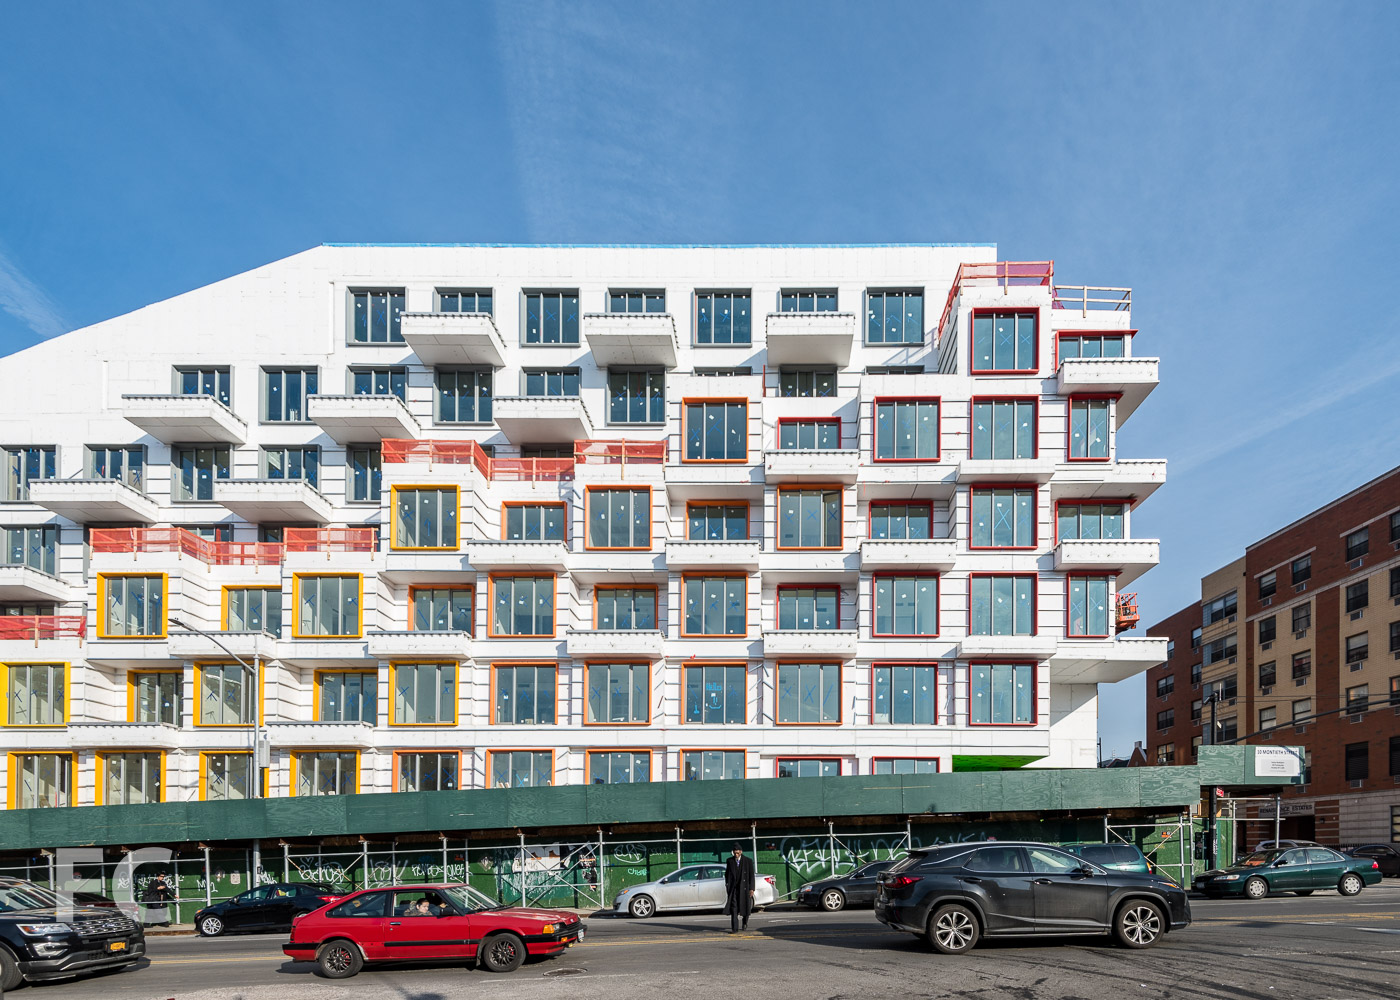 West façade from Bushwick Avenue.